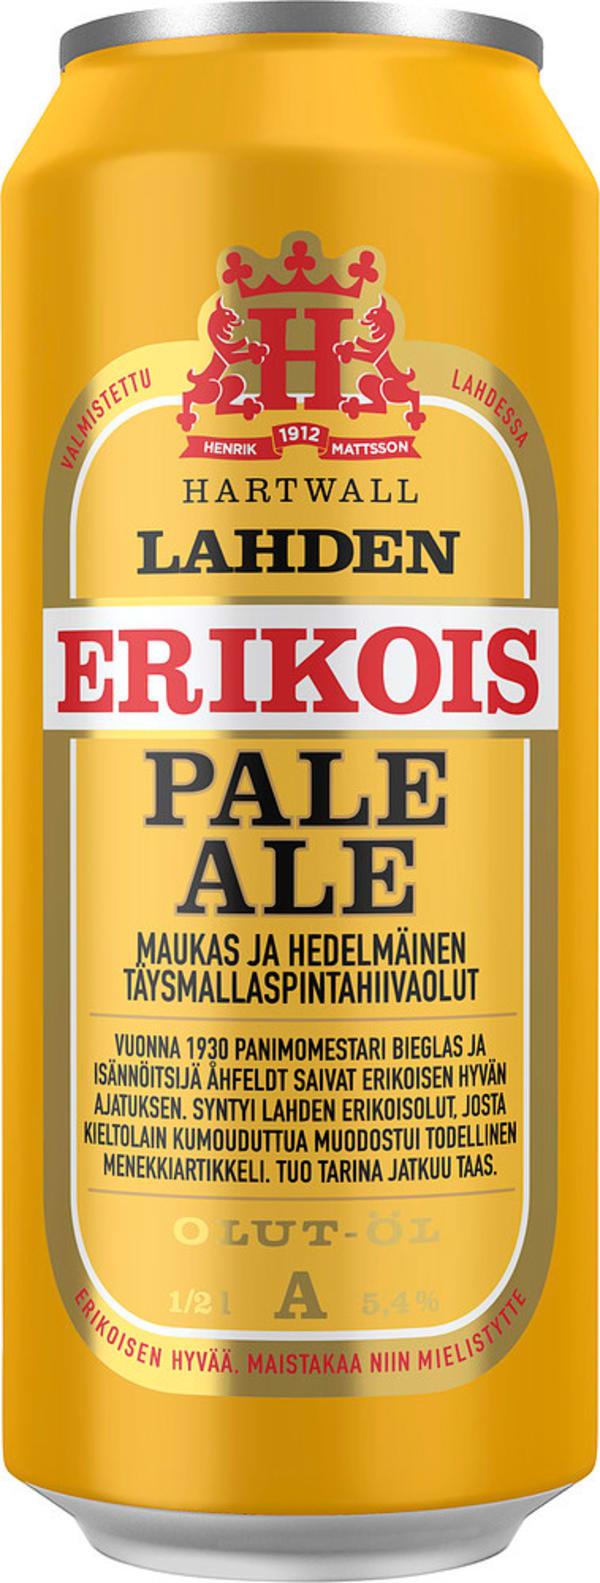 Lahden Erikois Pale Ale burk